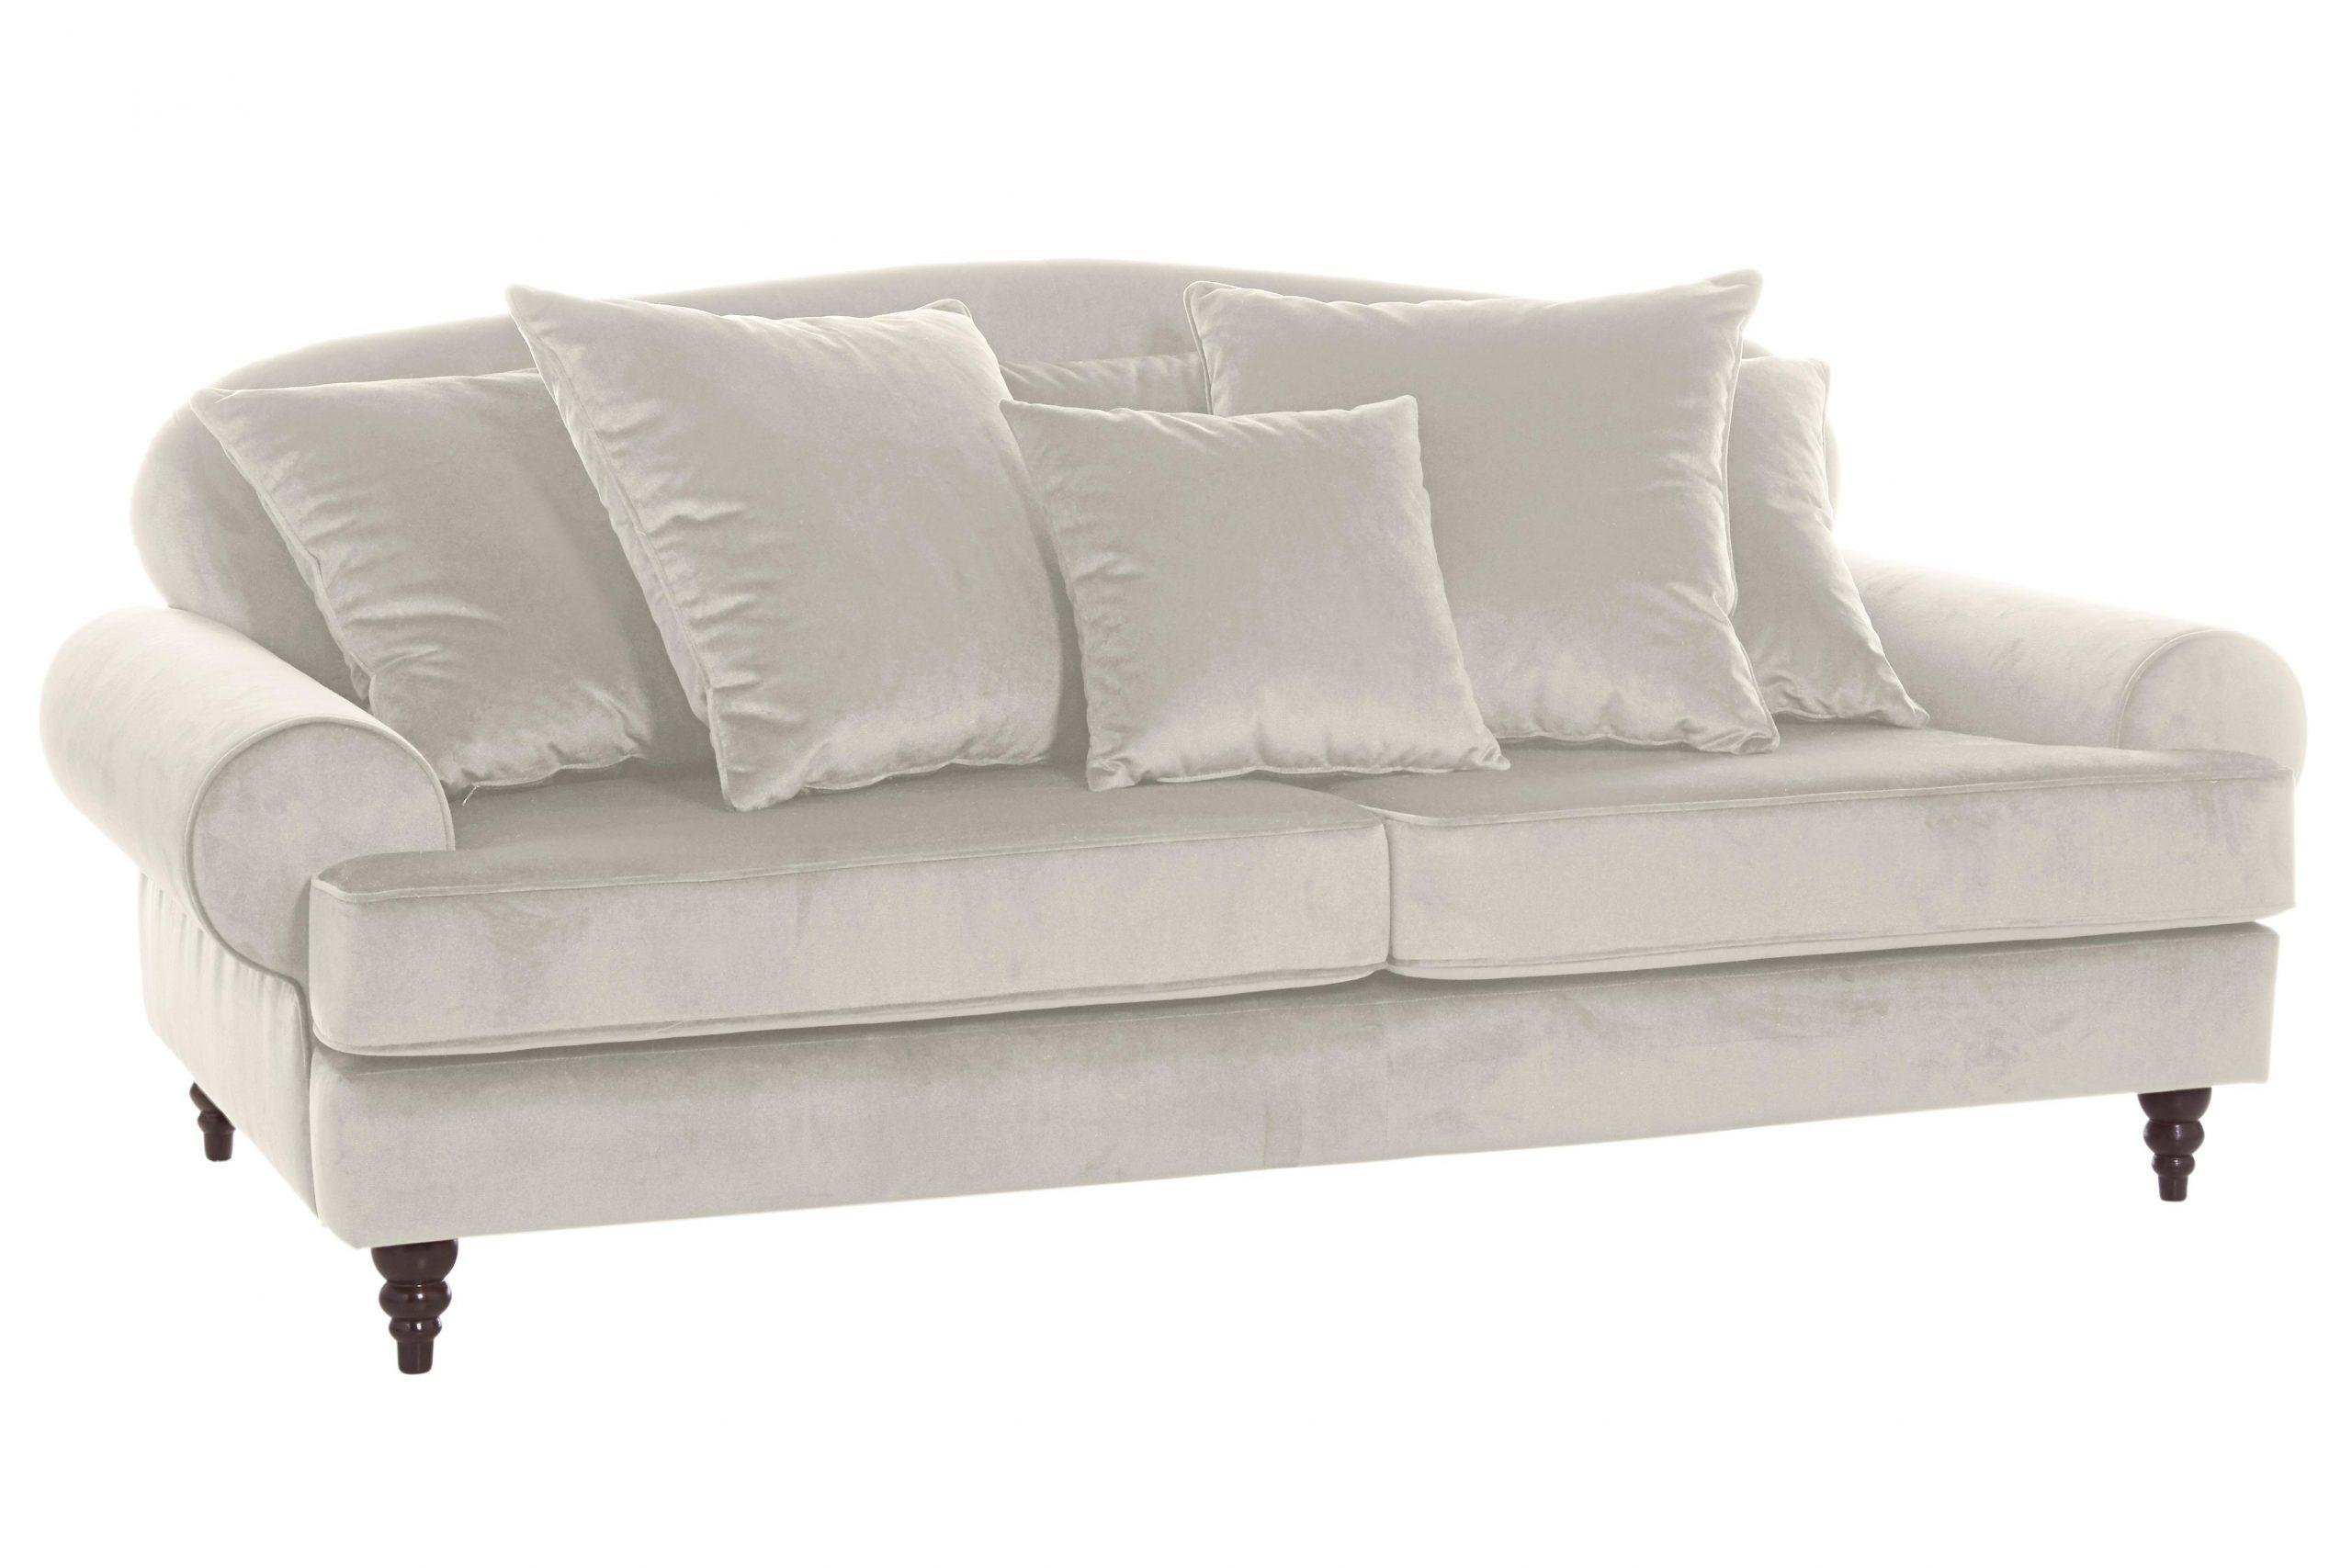 Full Size of Heine Home 3 Sitzer Sofa Bezug In Samt Optik Auf Rechnung Kaufen Heimkino Chesterfield Günstiges Reinigen Jugendzimmer Grün Boxspring Big Mondo Indomo Sofa Sofa Bezug